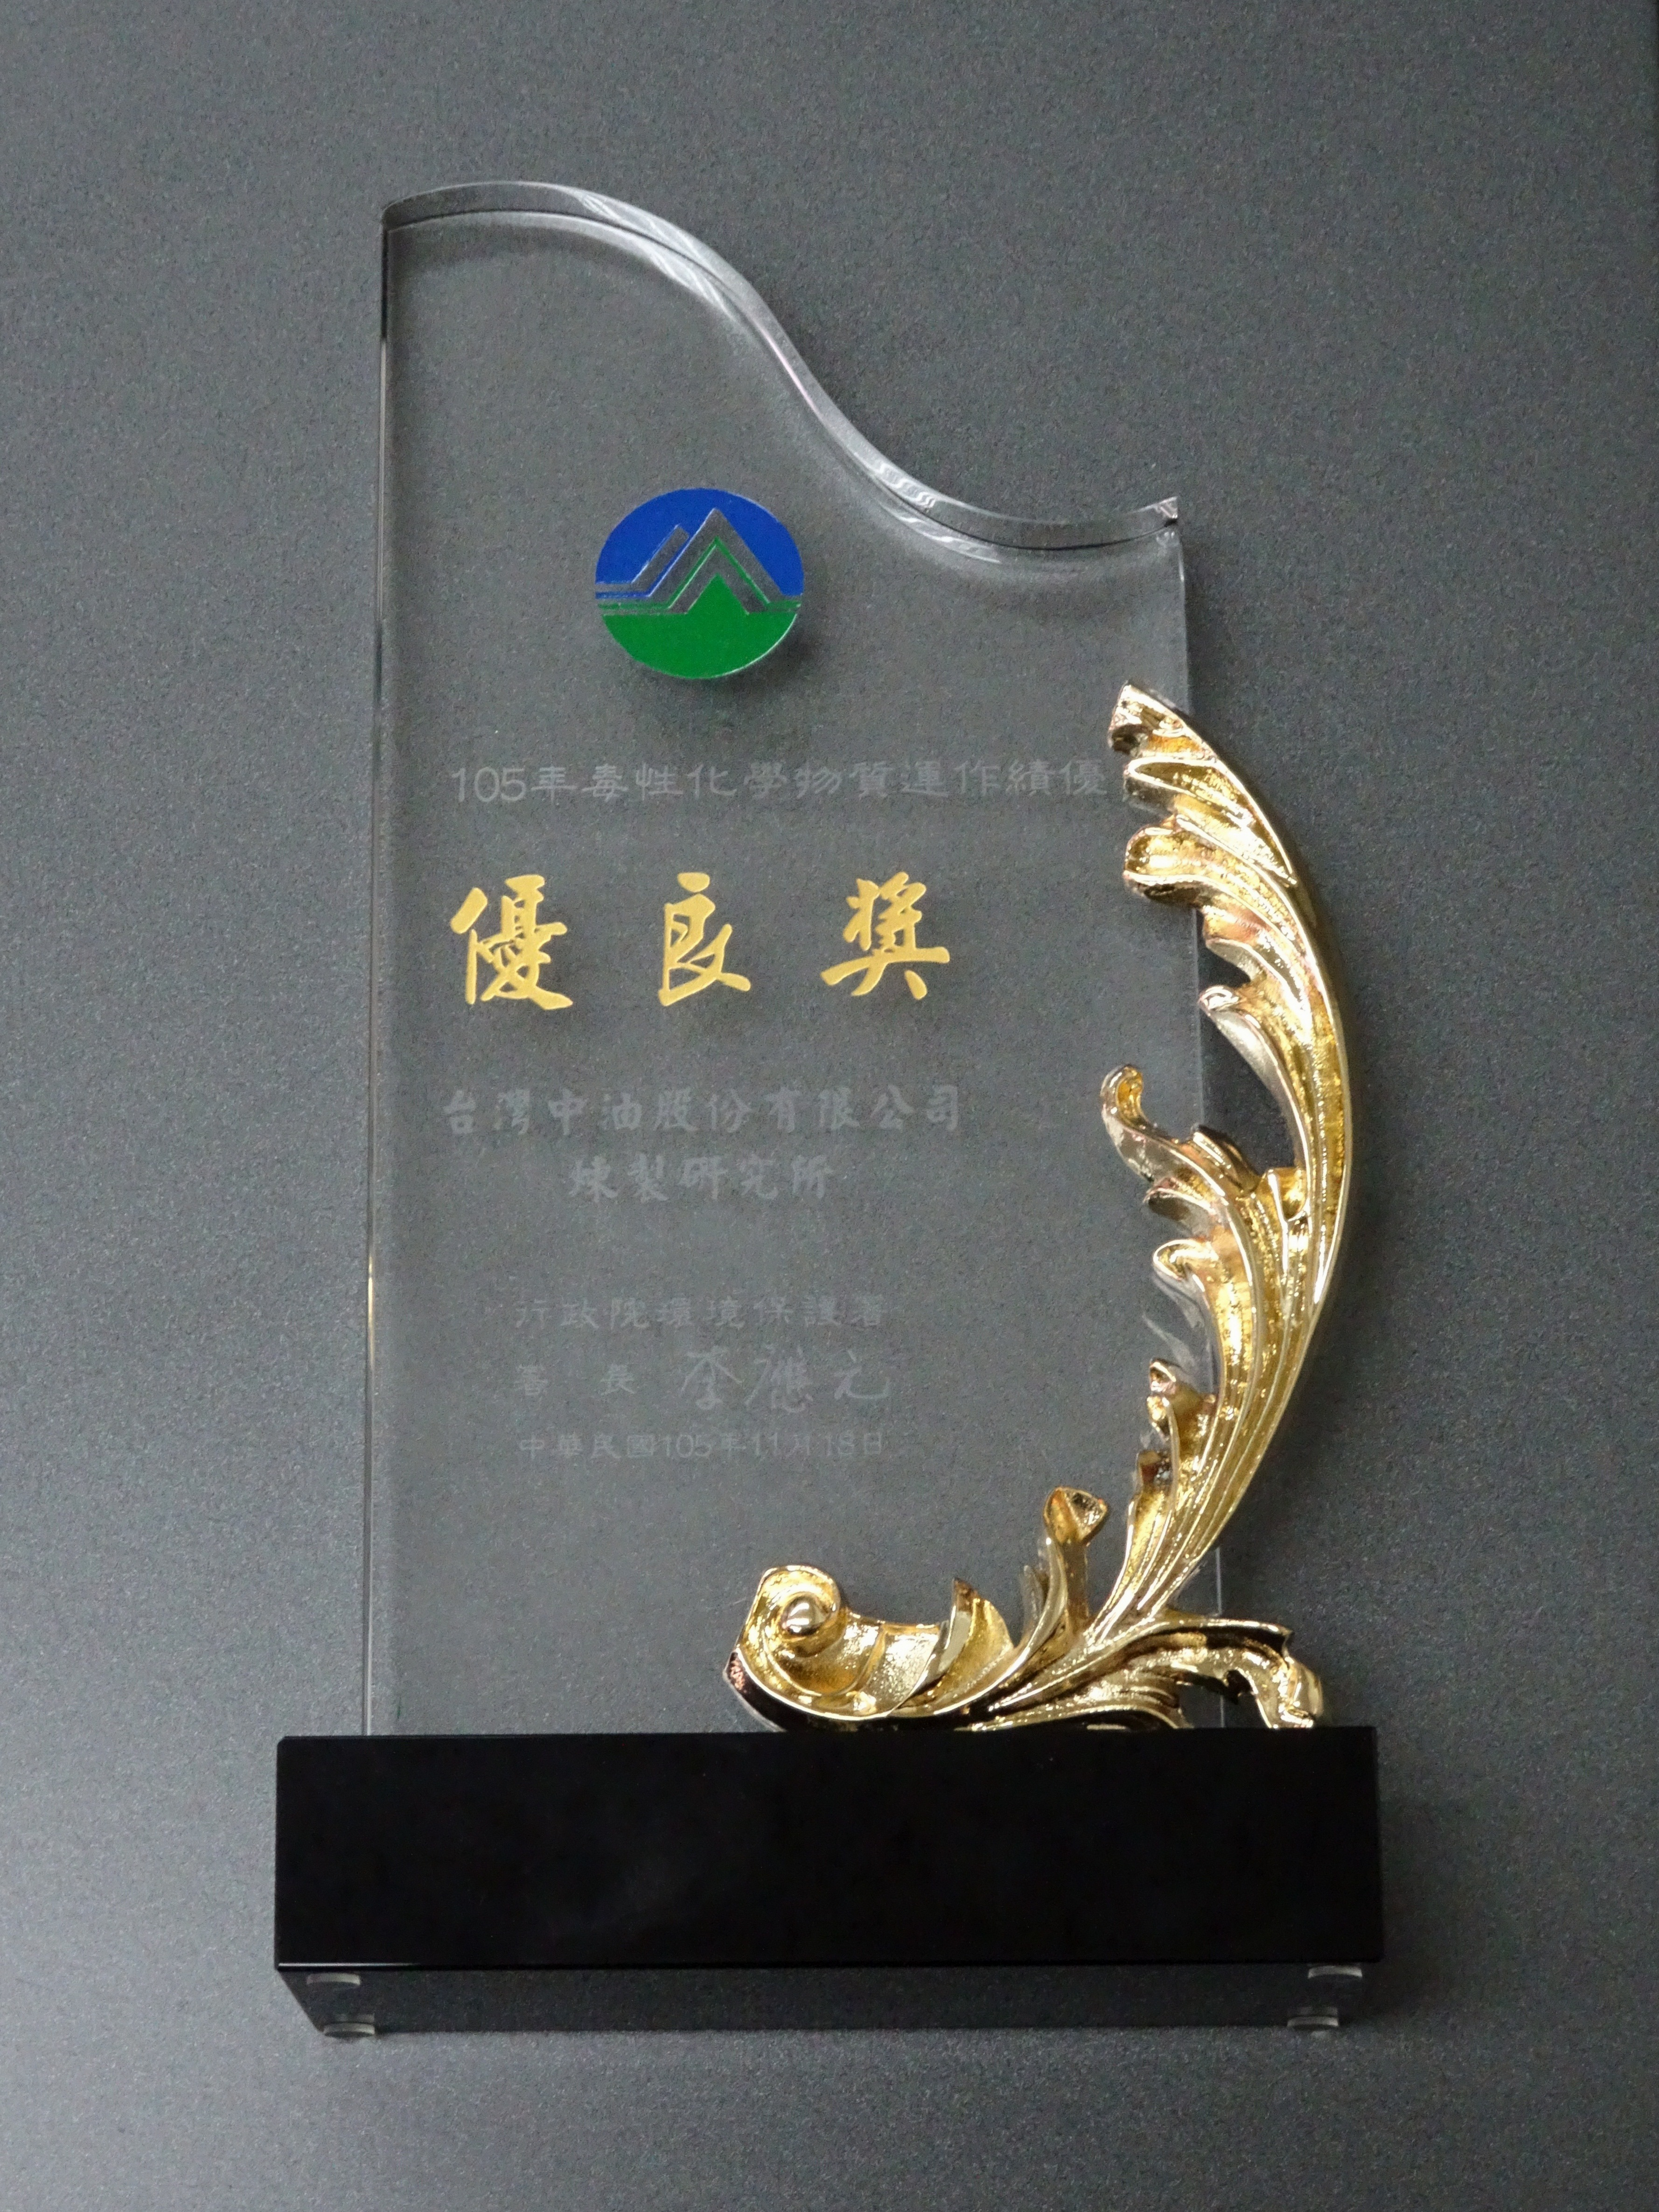 本研究參加105年環保署所舉辦的毒化物運作管理績優評選活動,獲得研發改良組的優良獎